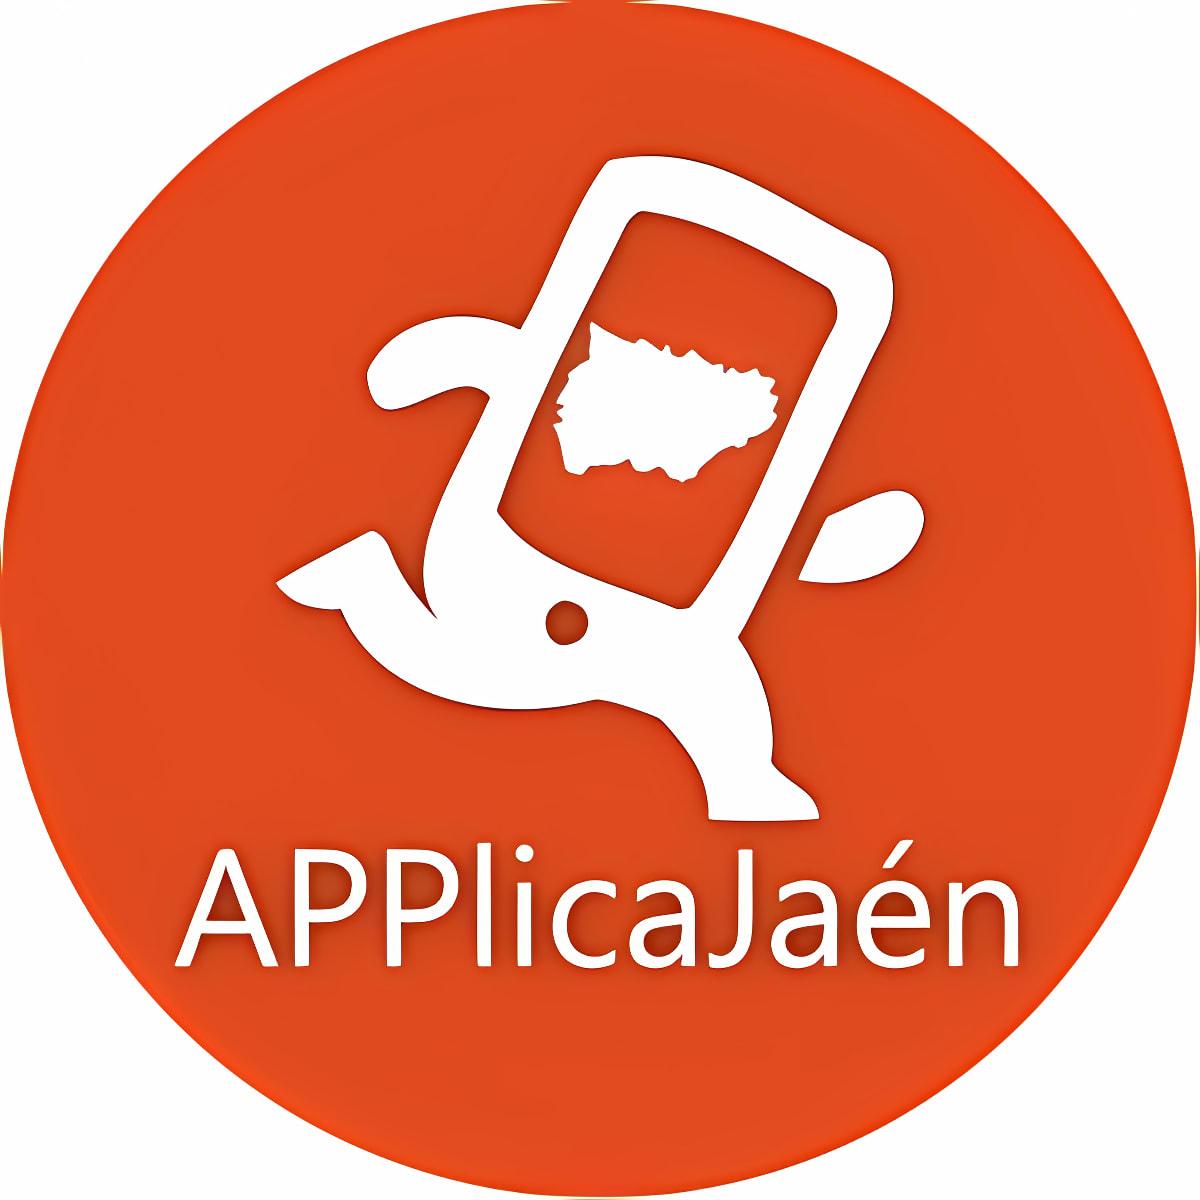 APPlicaJaen | Turismo de Jaén device-dependant